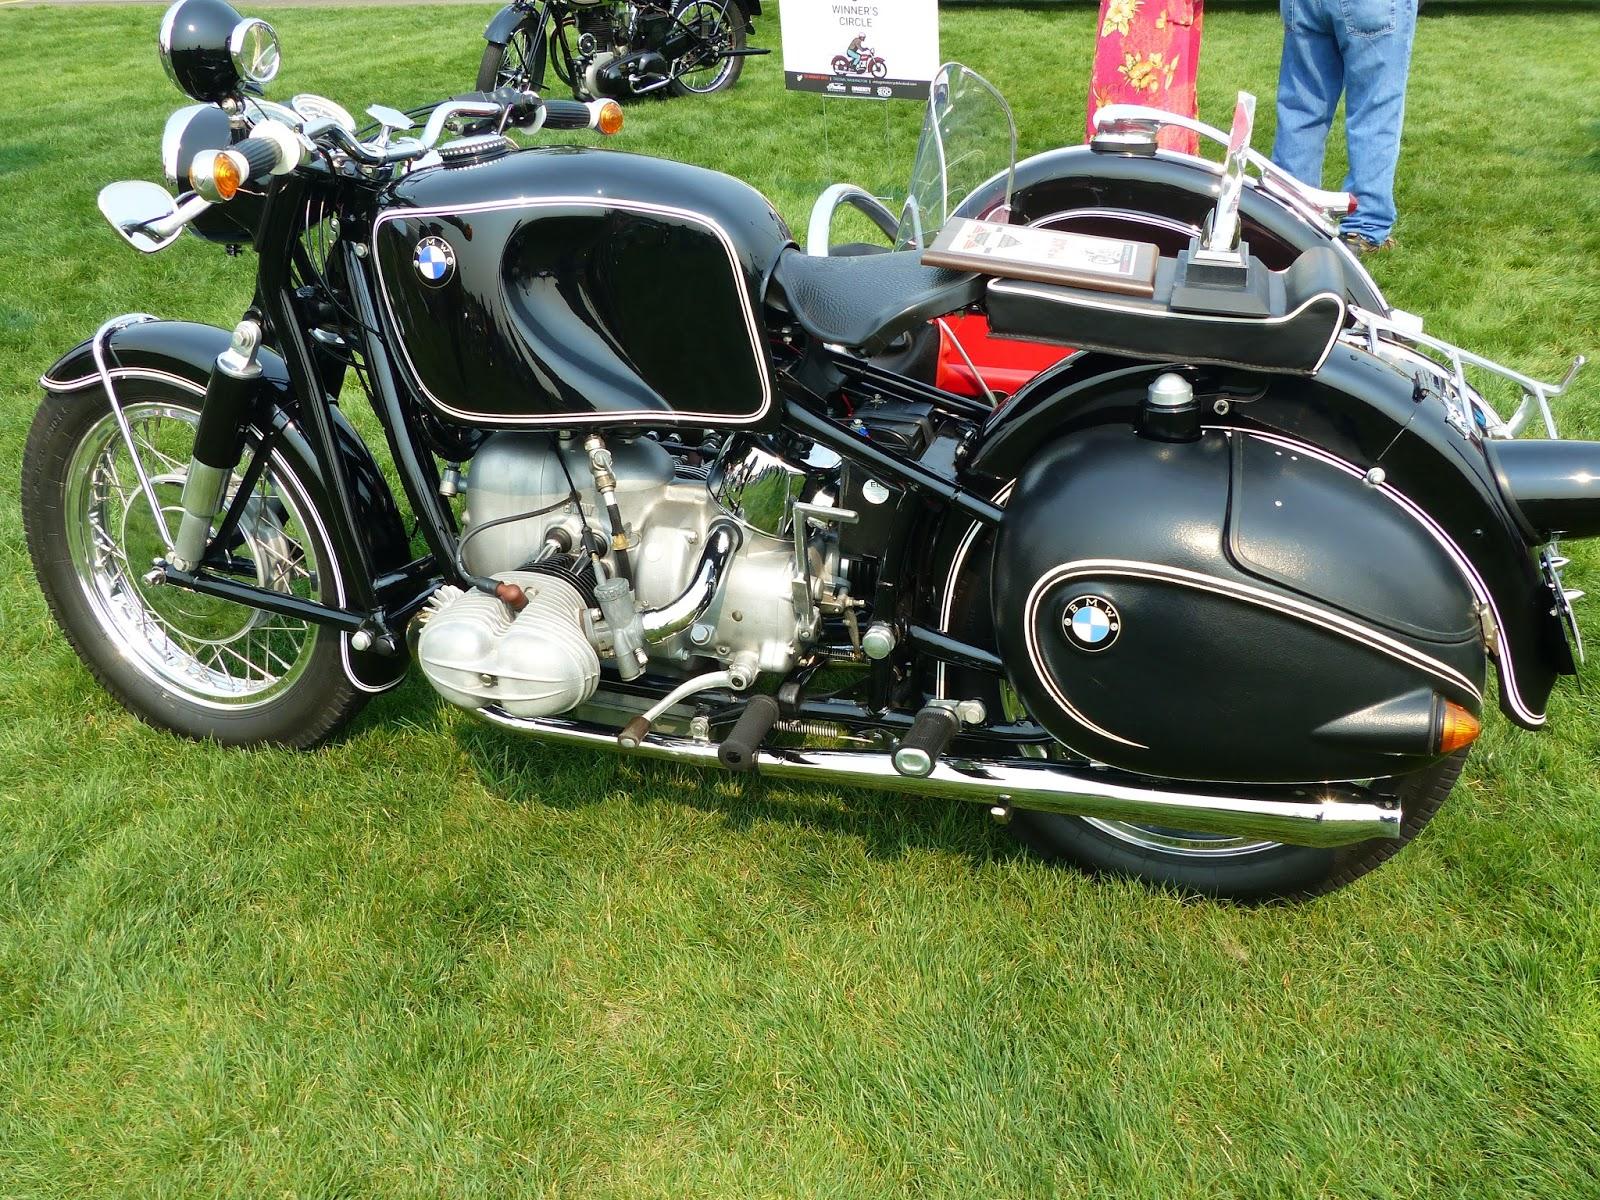 """BMW Birmingham Al >> OldMotoDude: 1969 BMW R69 with Sidecar on display at """"The Meet"""" 2015 Vintage Motorcycle Festival ..."""